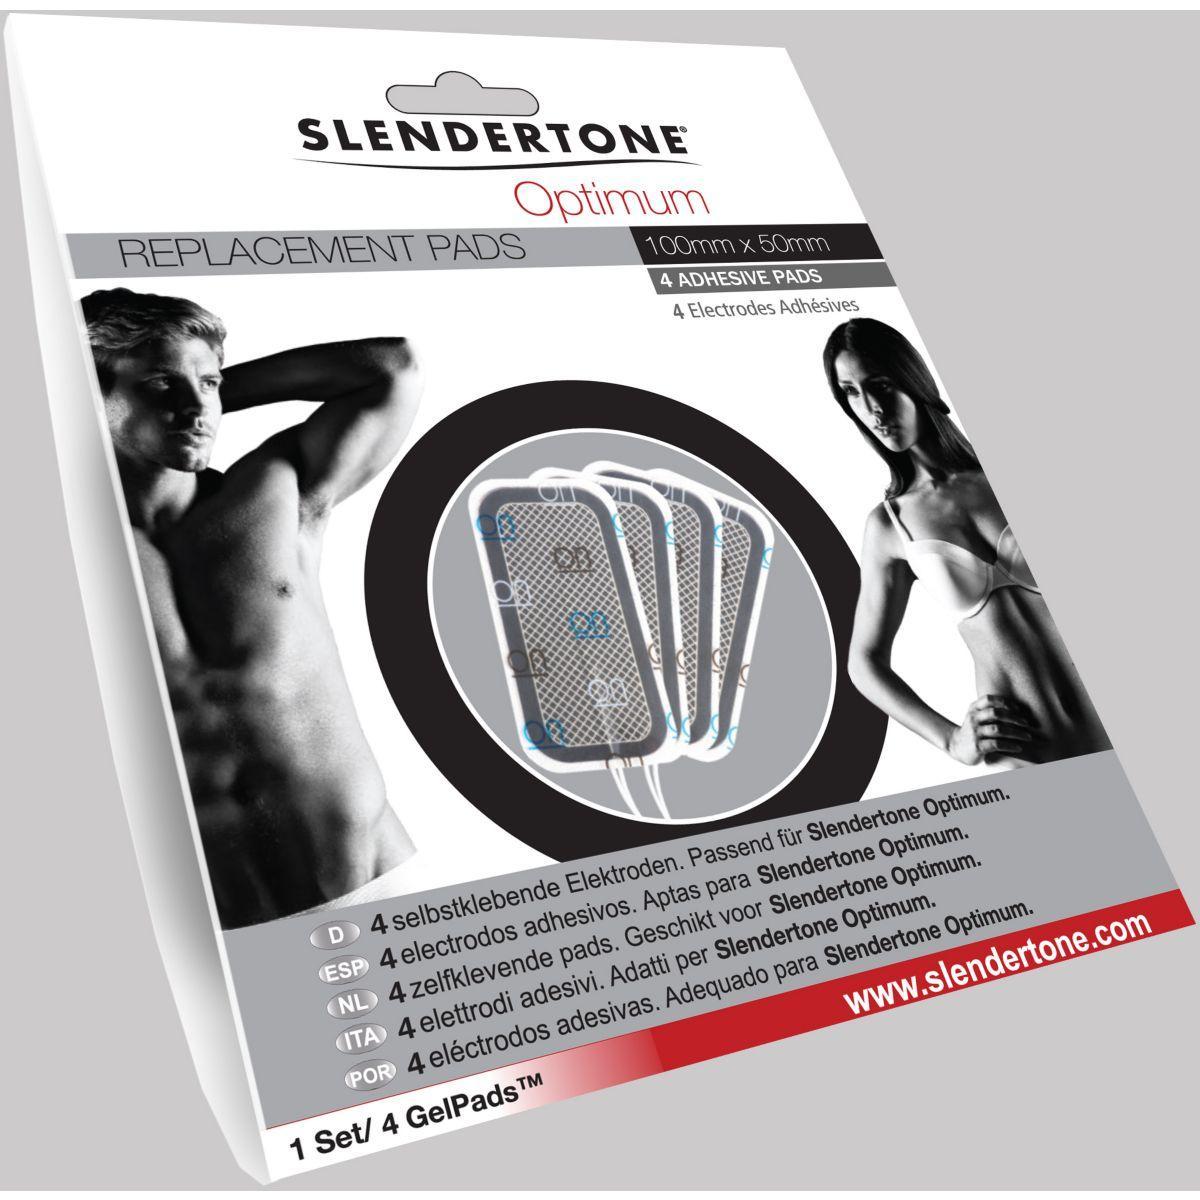 Electro-stimulation slendertone electrodes optimum 50x100 (photo)